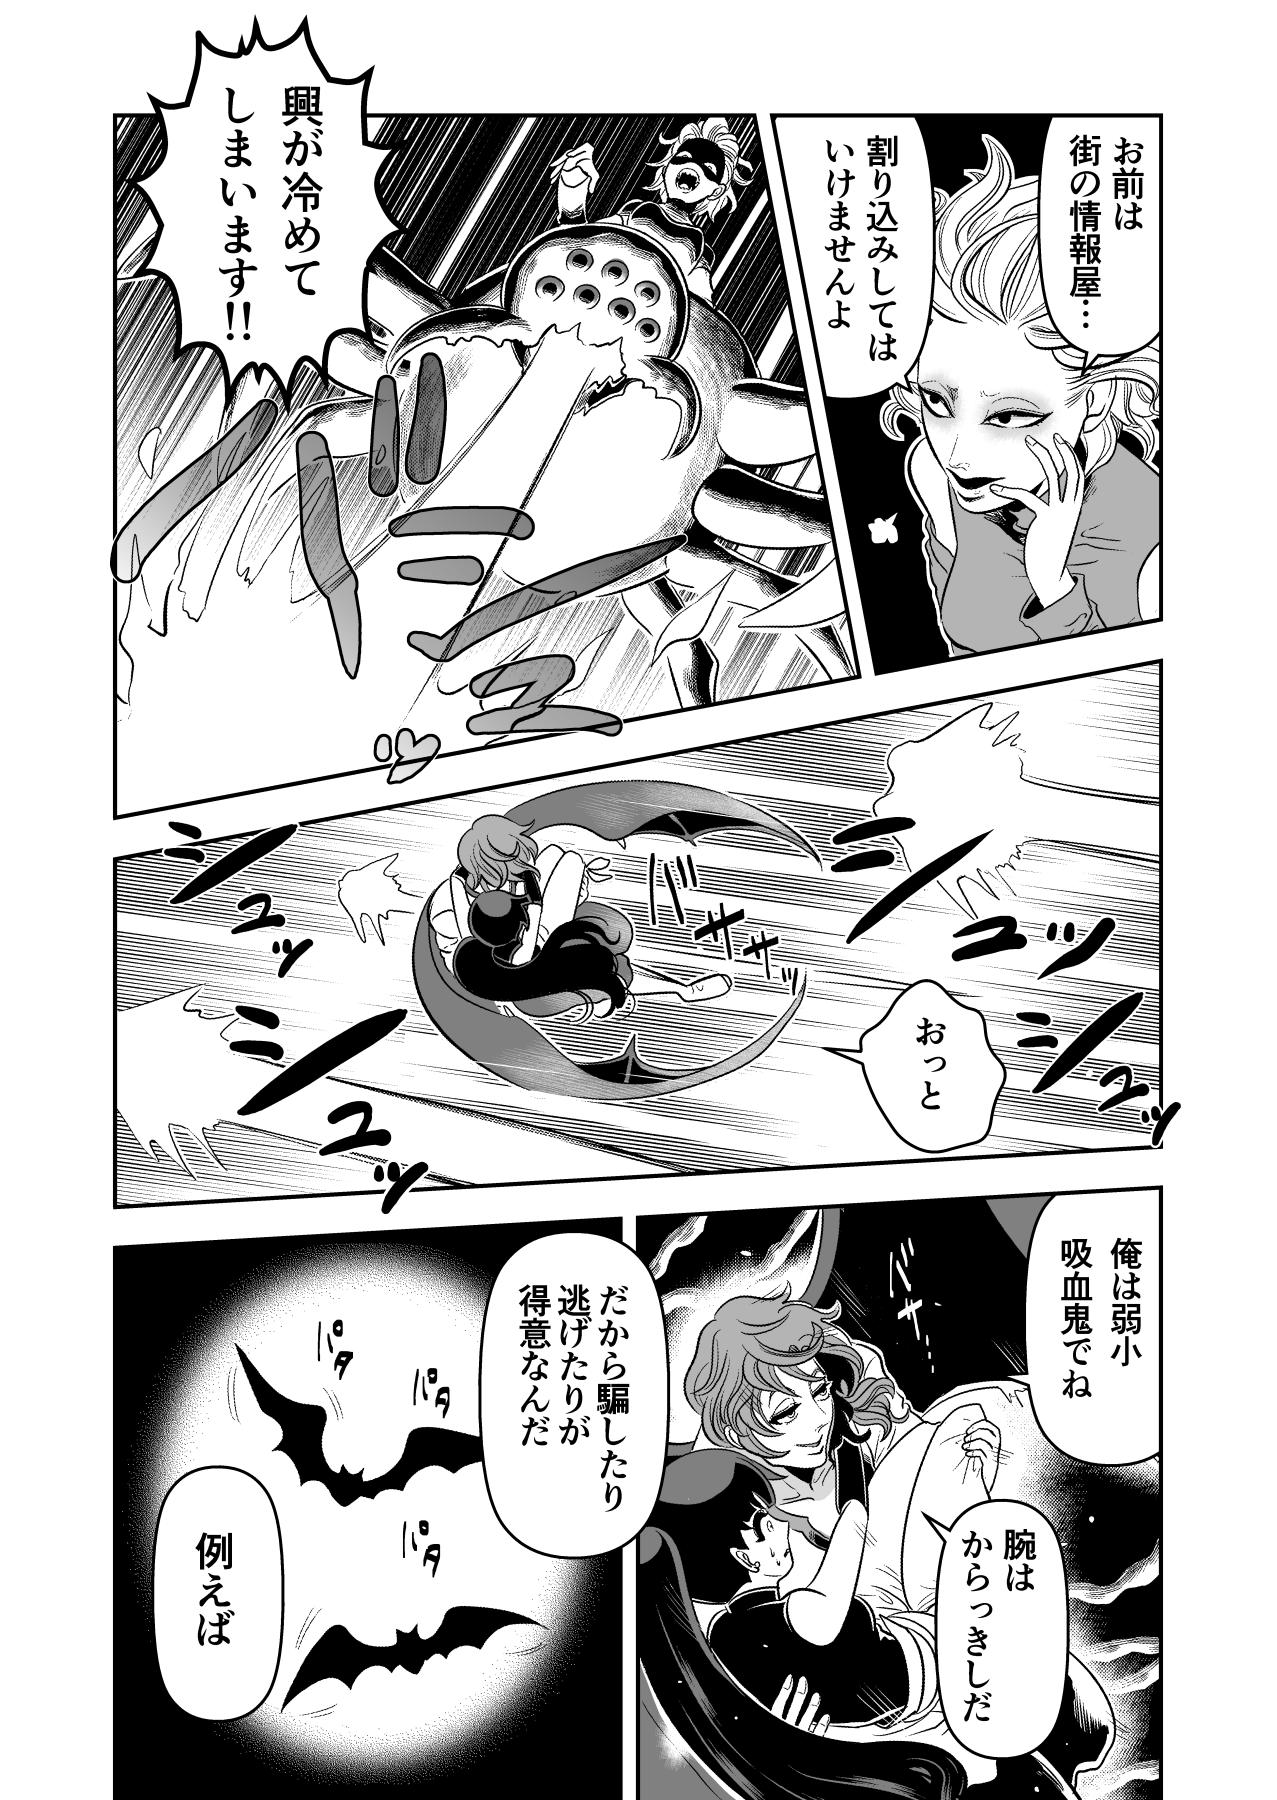 ヤサグレ魔女と第1王子と吸血鬼①0089